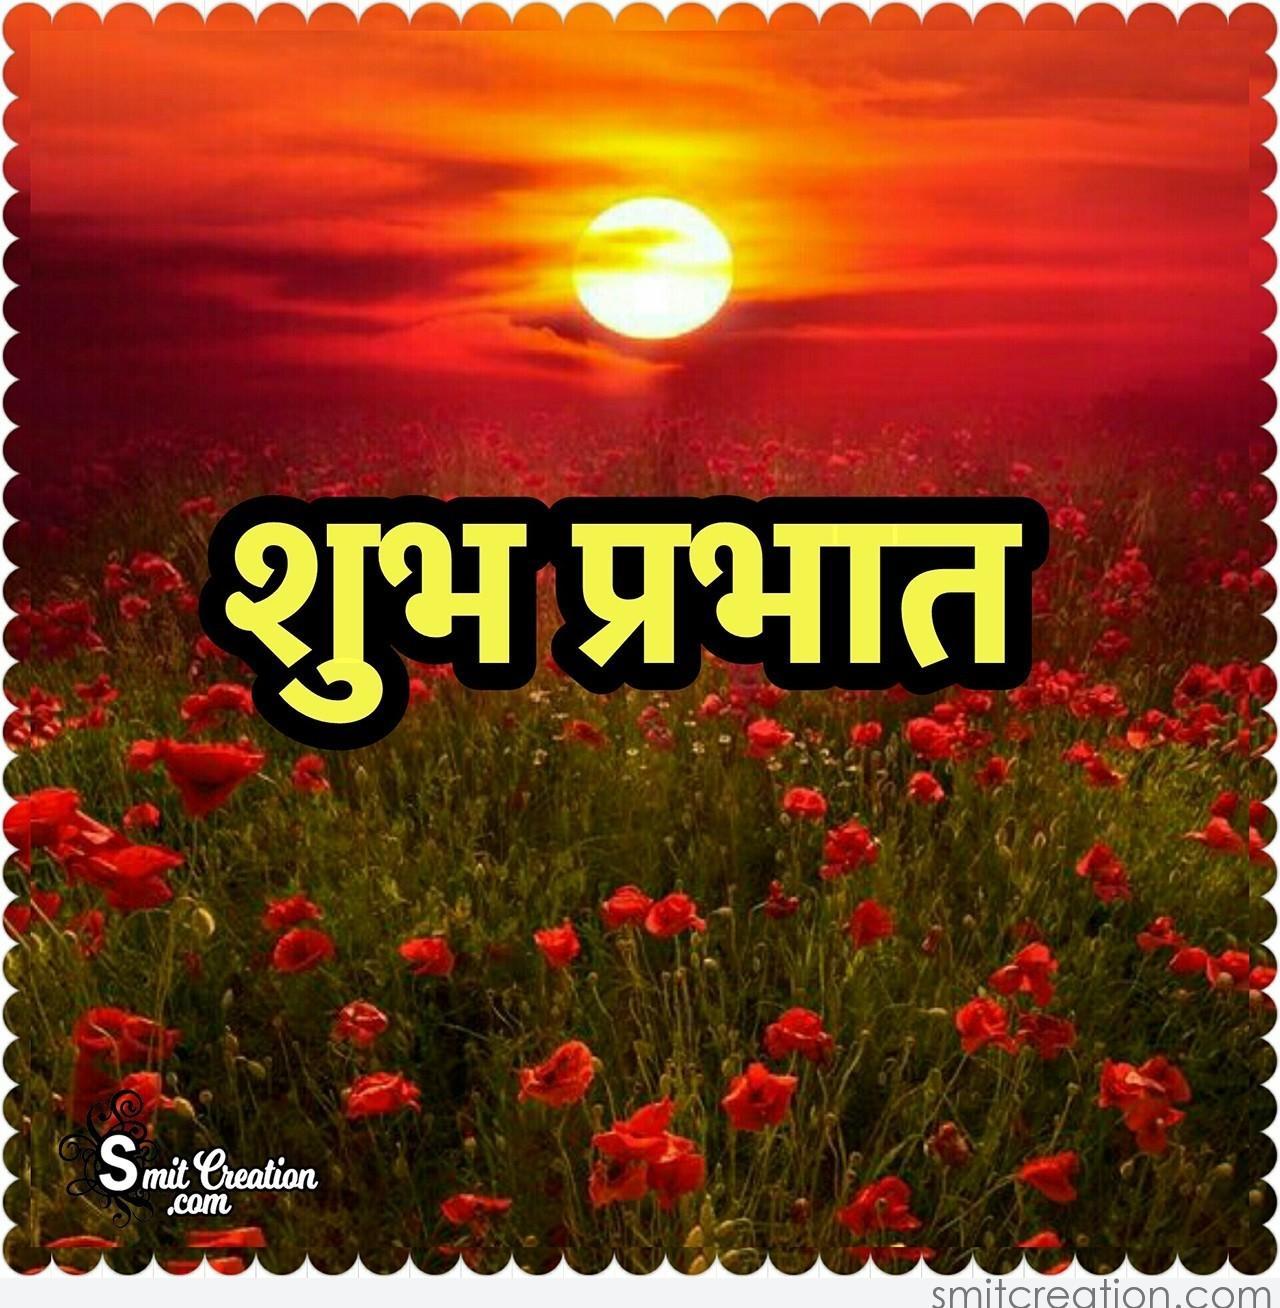 Jodifluckiger Rose Shubh Sakal Flower Images